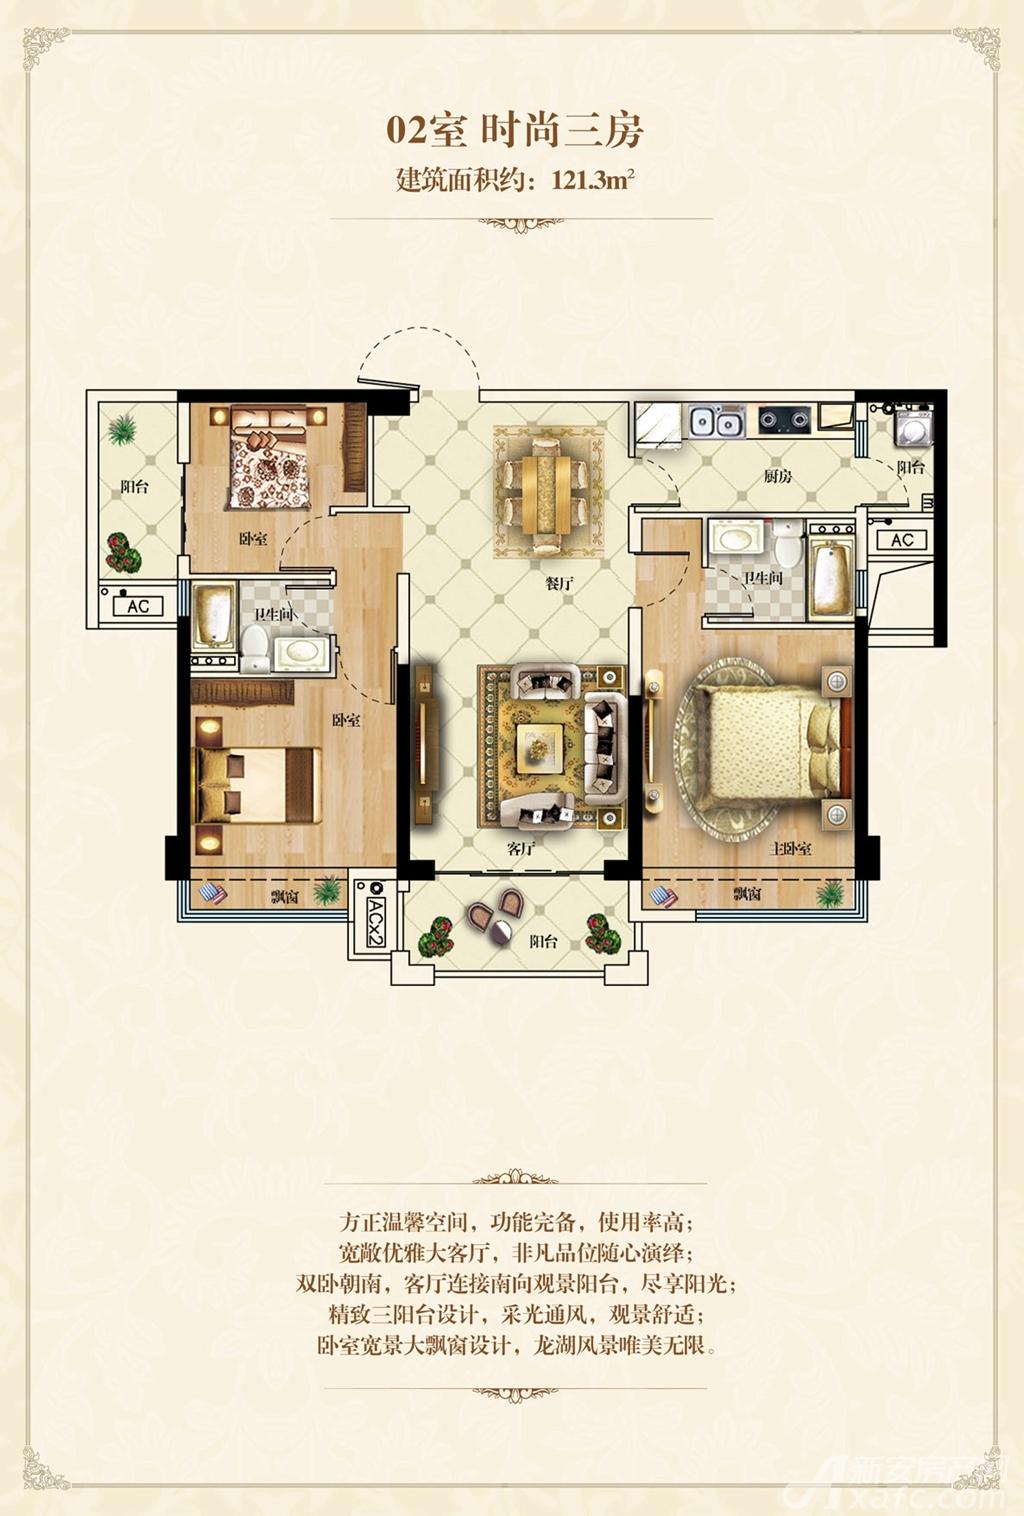 奥园·瀚林华府瀚林华府02户型3室2厅121.3平米